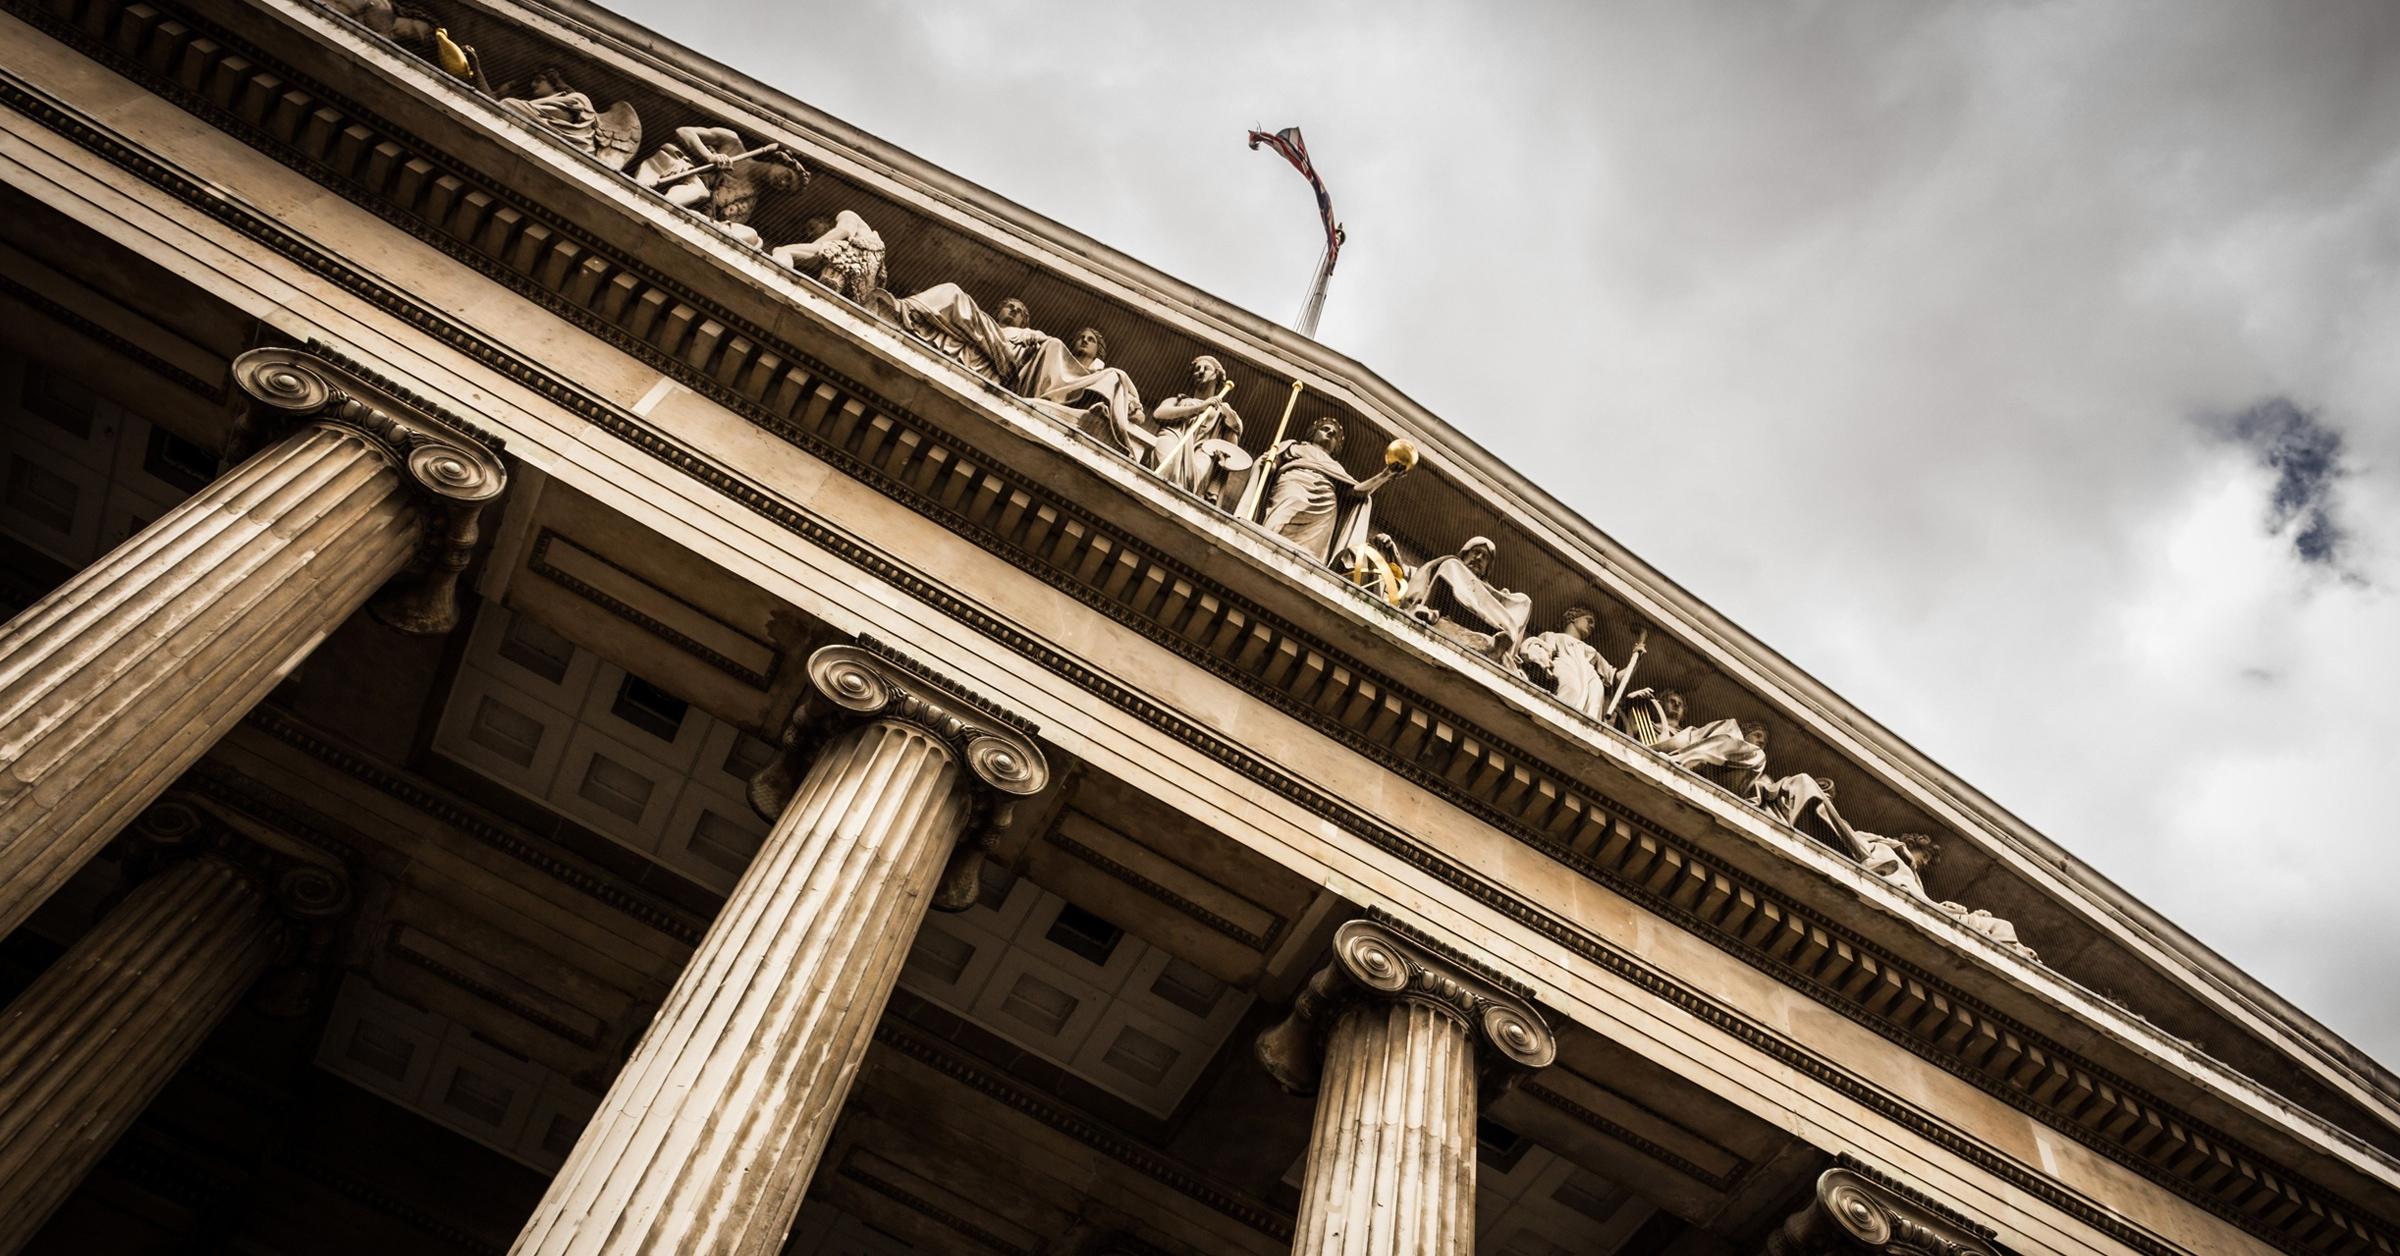 P2P법, 혁신금융의 모범사례가 되기를 바란다 - 피플펀드 블로그